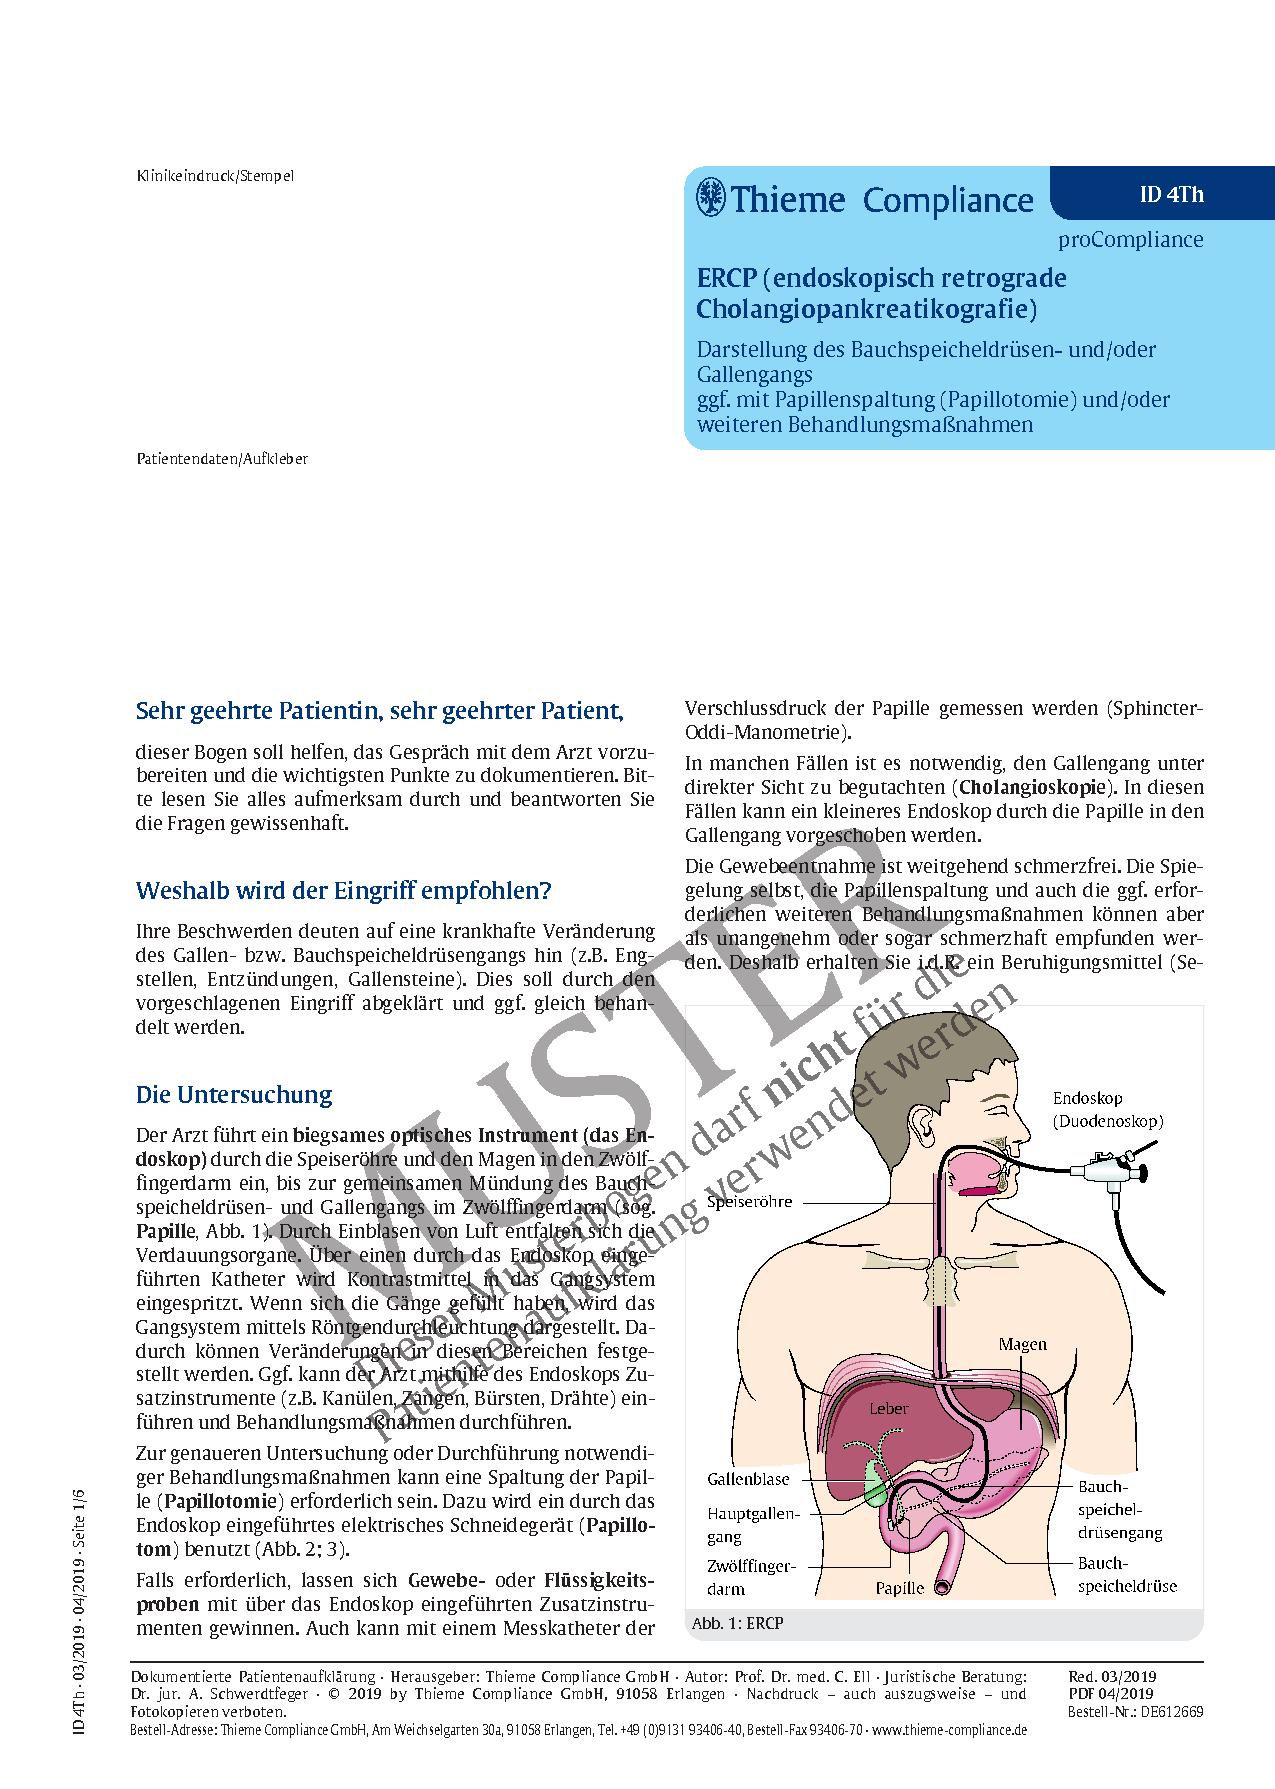 Niedlich Linke Seite Anatomie Bauch Ideen - Anatomie Von ...